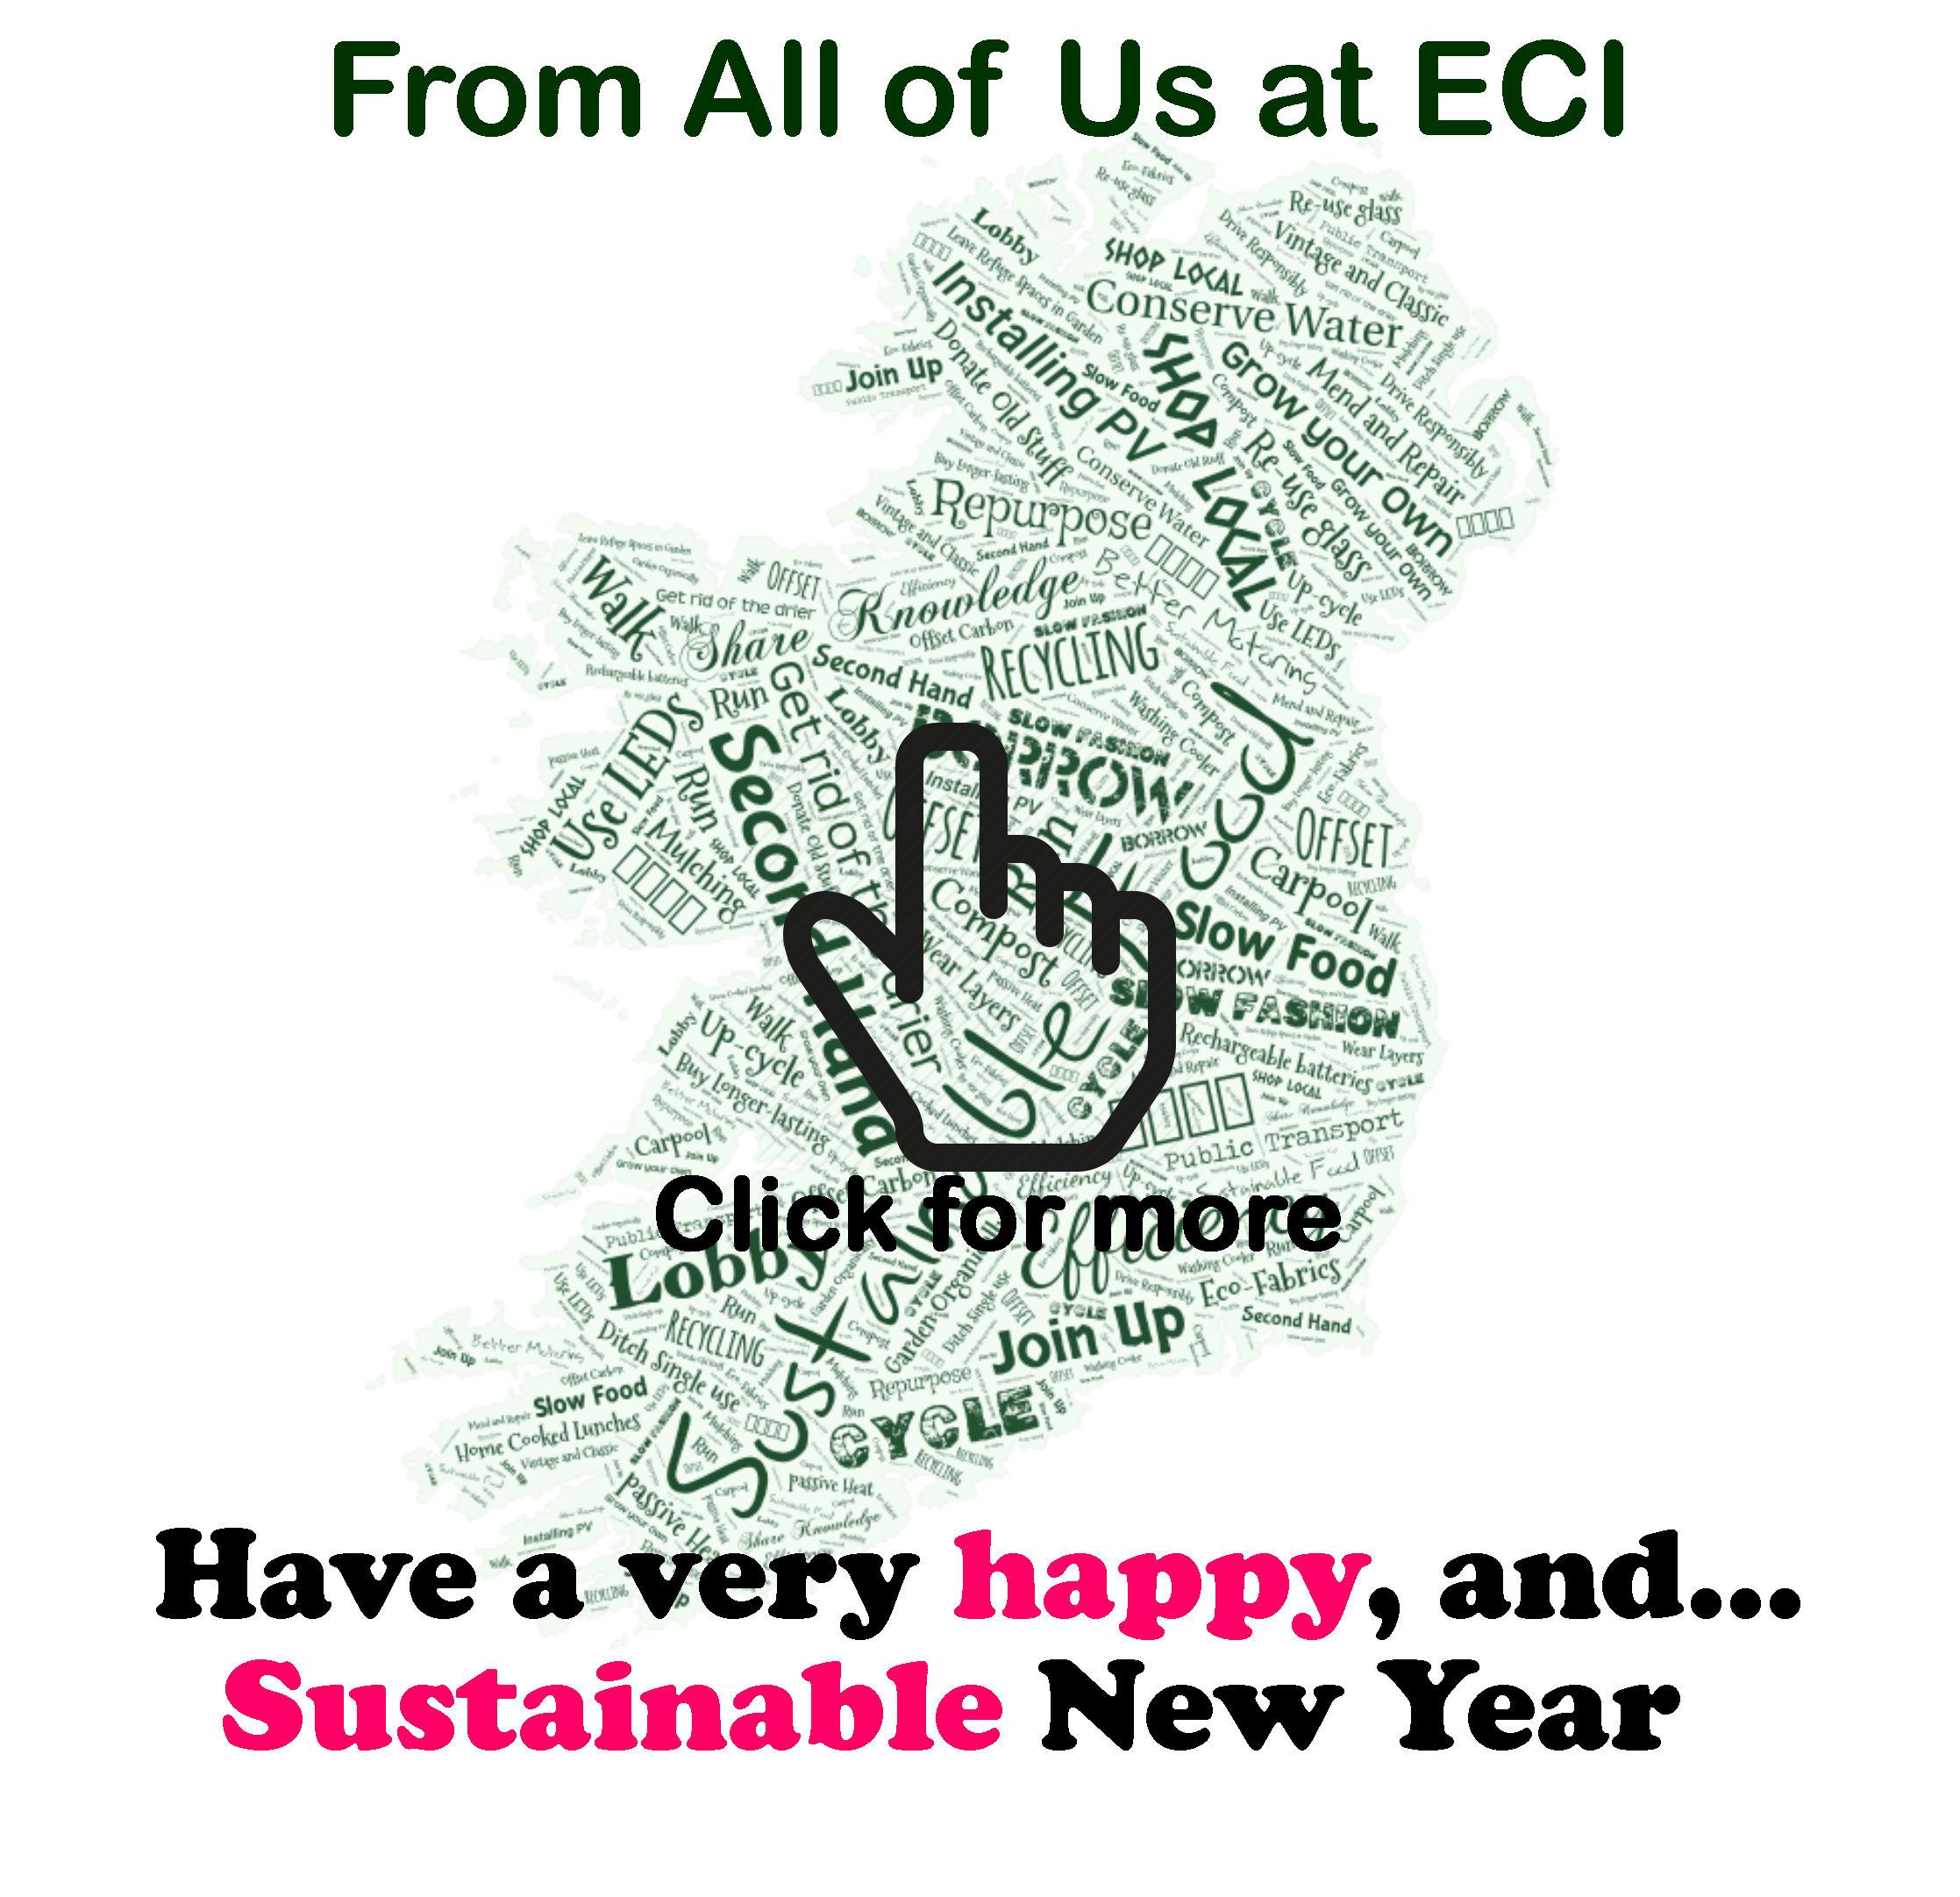 energy co-ops ireland sustainability